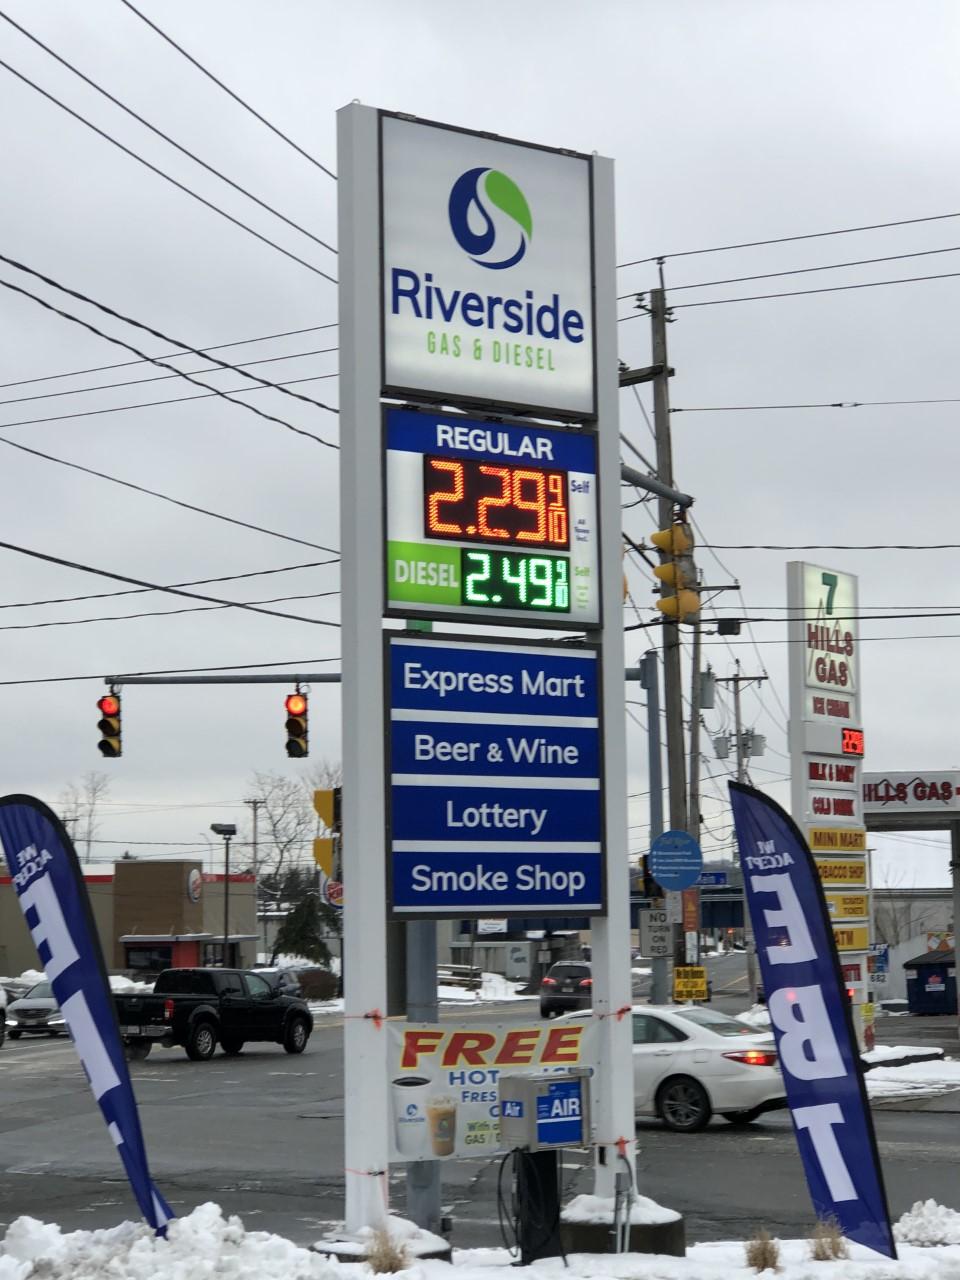 Riverside Gas & Diesel